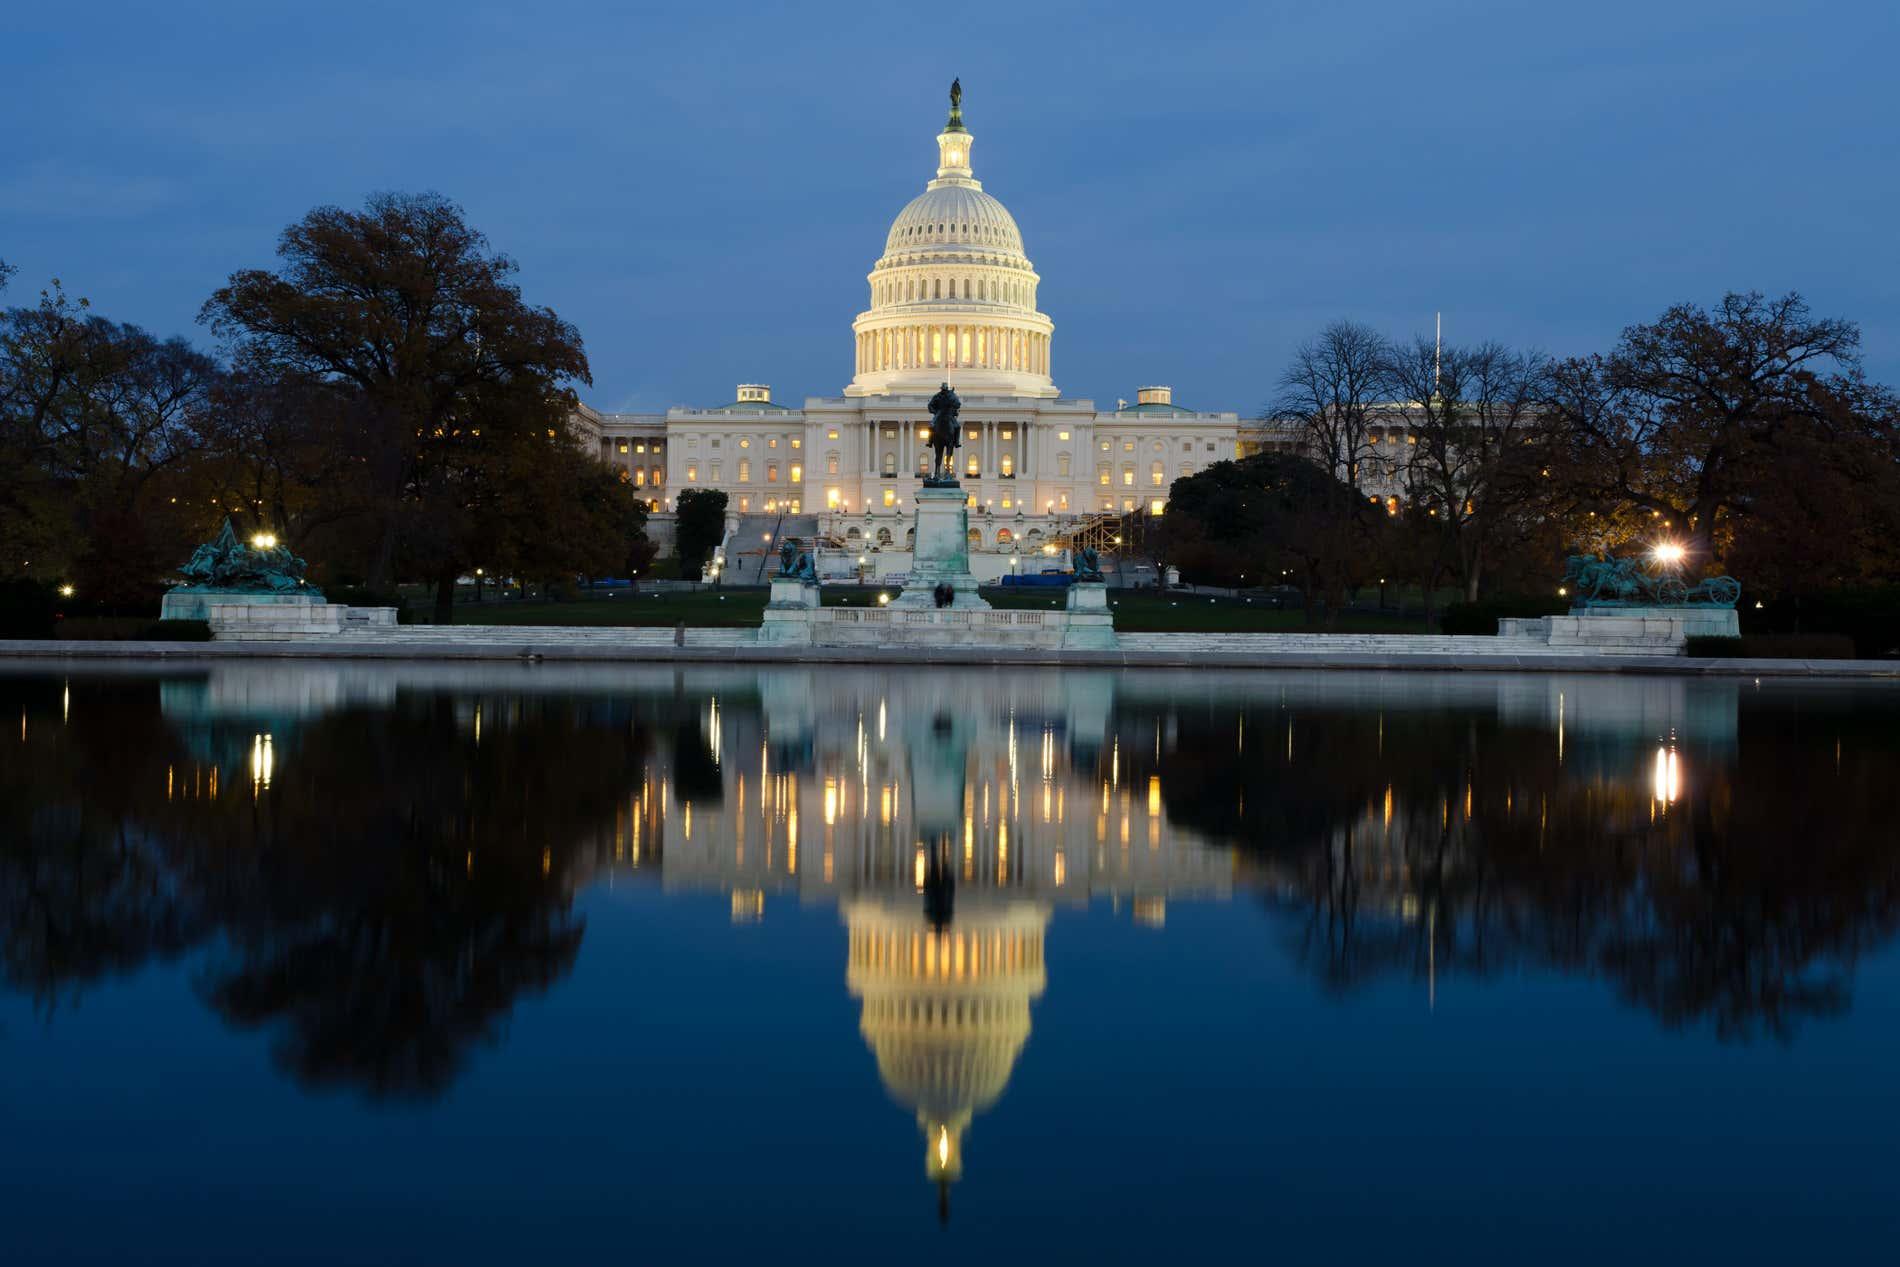 Il Campidoglio, sede del Senato degli Stati Uniti.